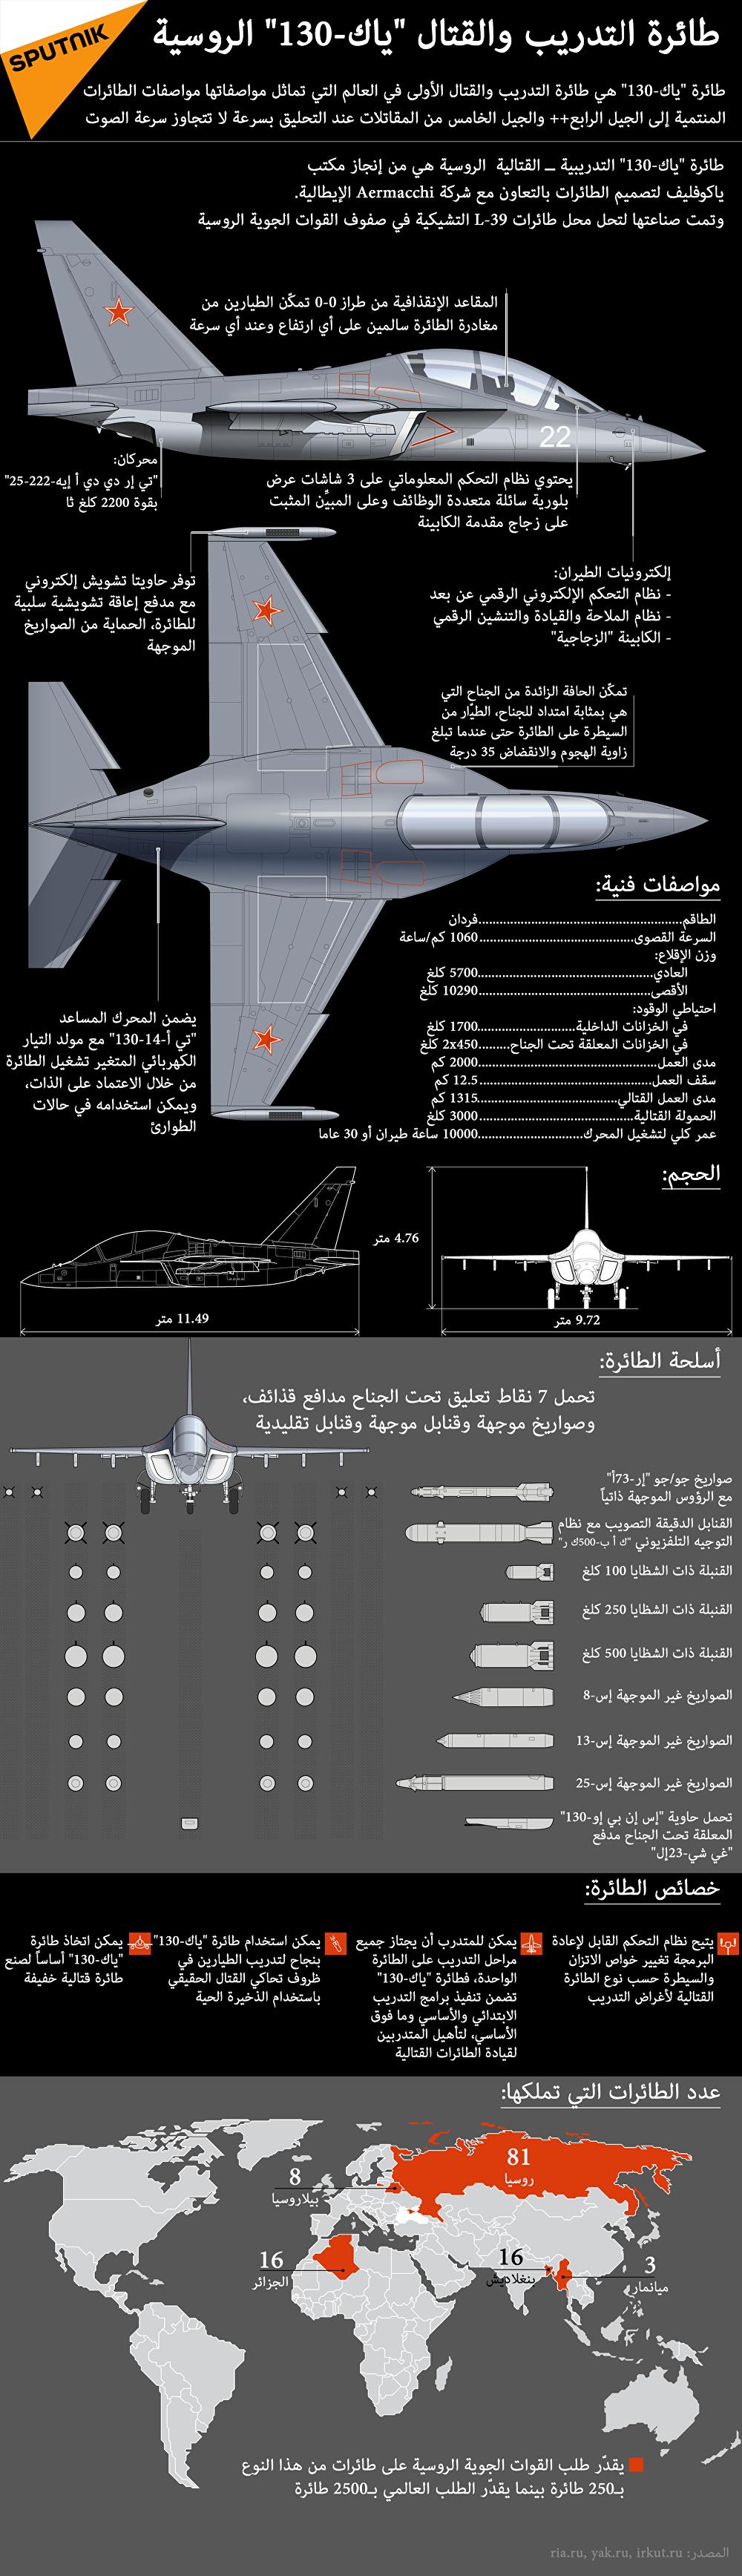 طائرة التدريب والقتال ياك-130